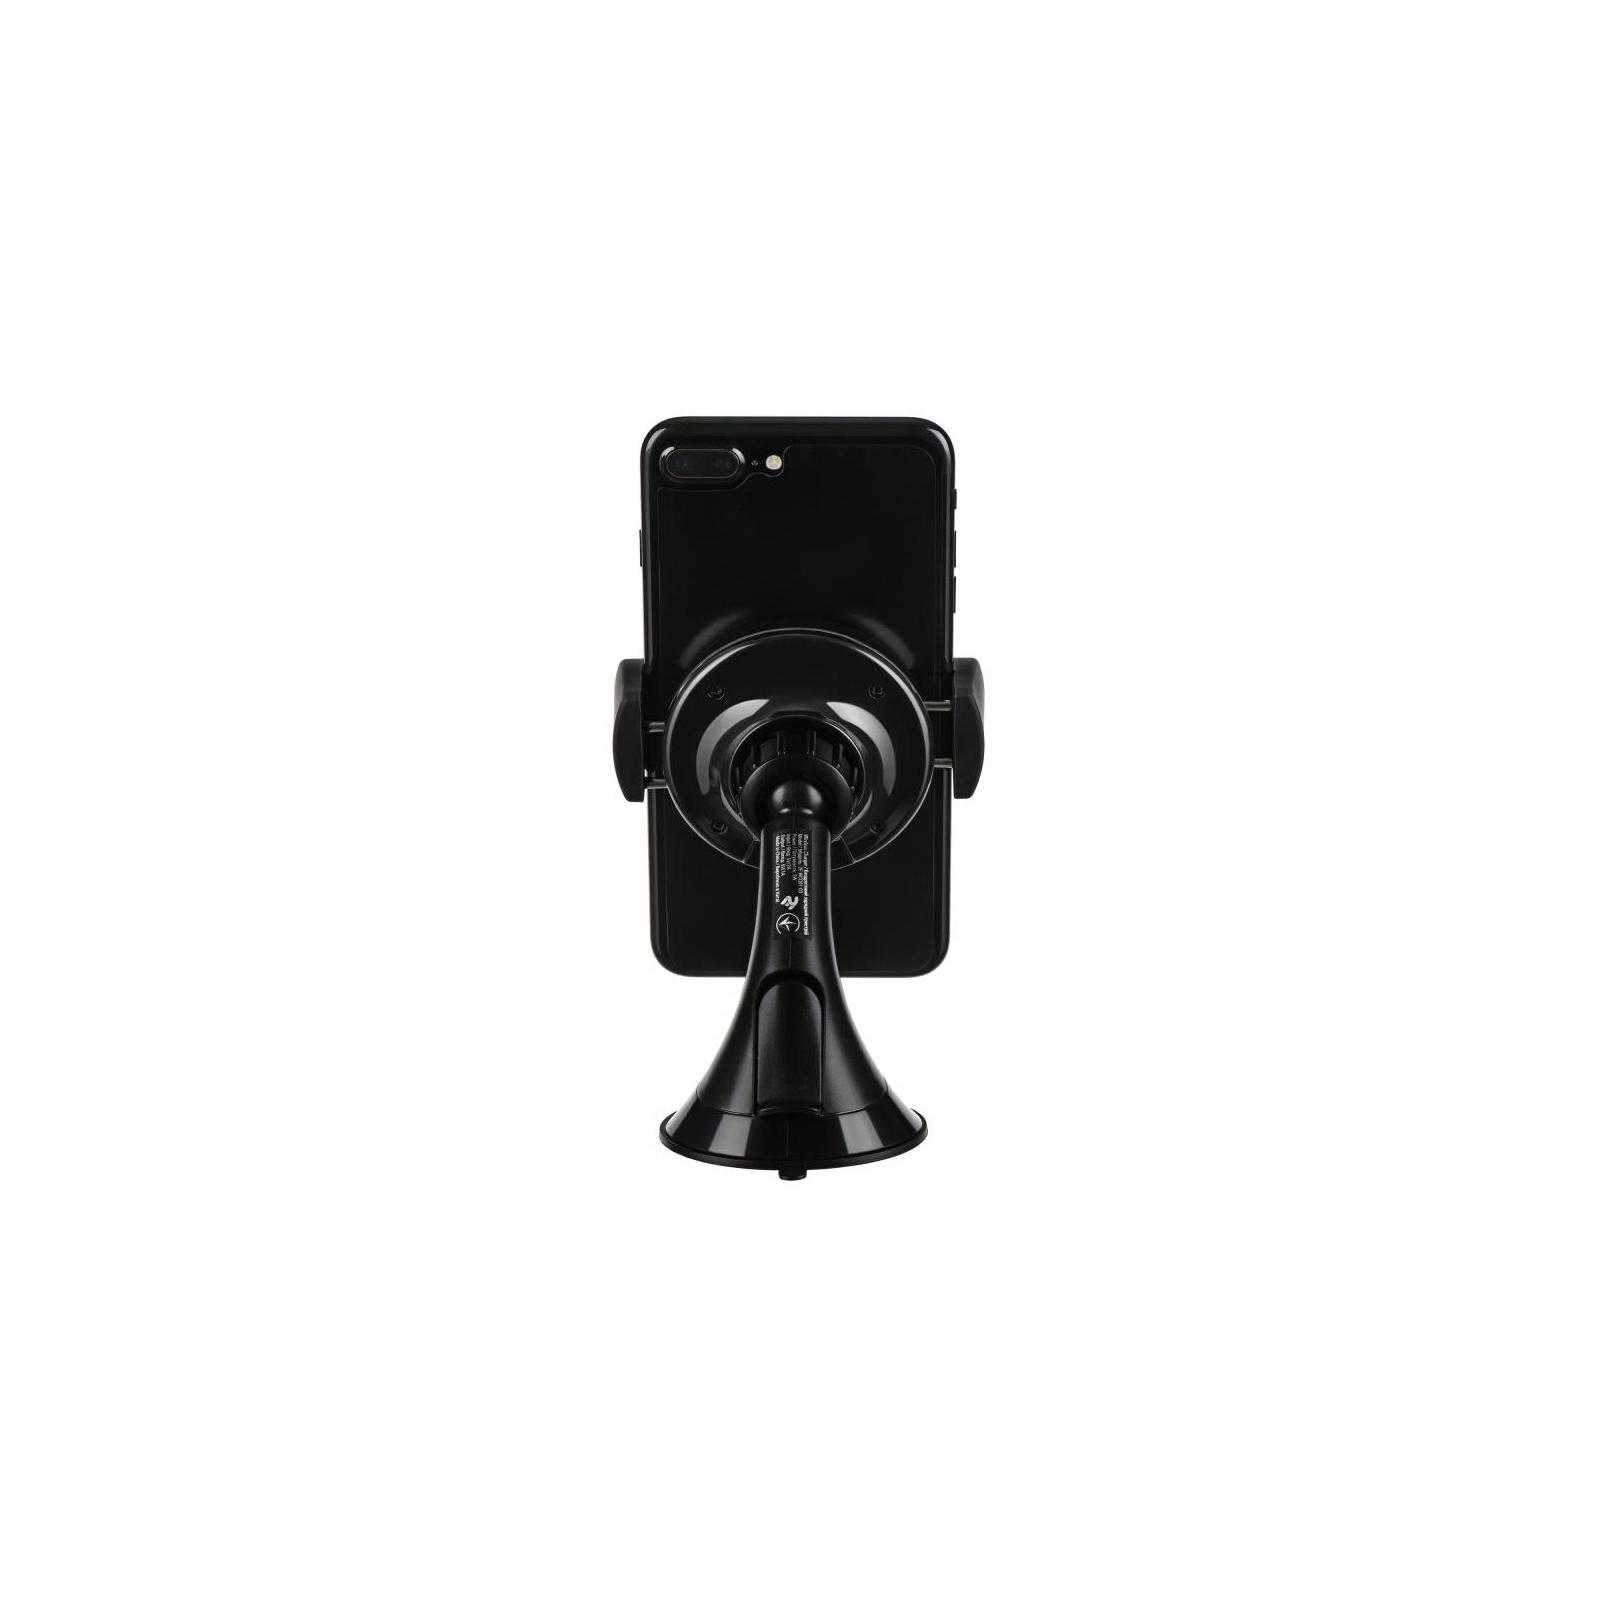 Зарядний пристрій 2E Car Mount Rotating Wireless Charger, 5W, black (2E-WCQ01-03) зображення 7